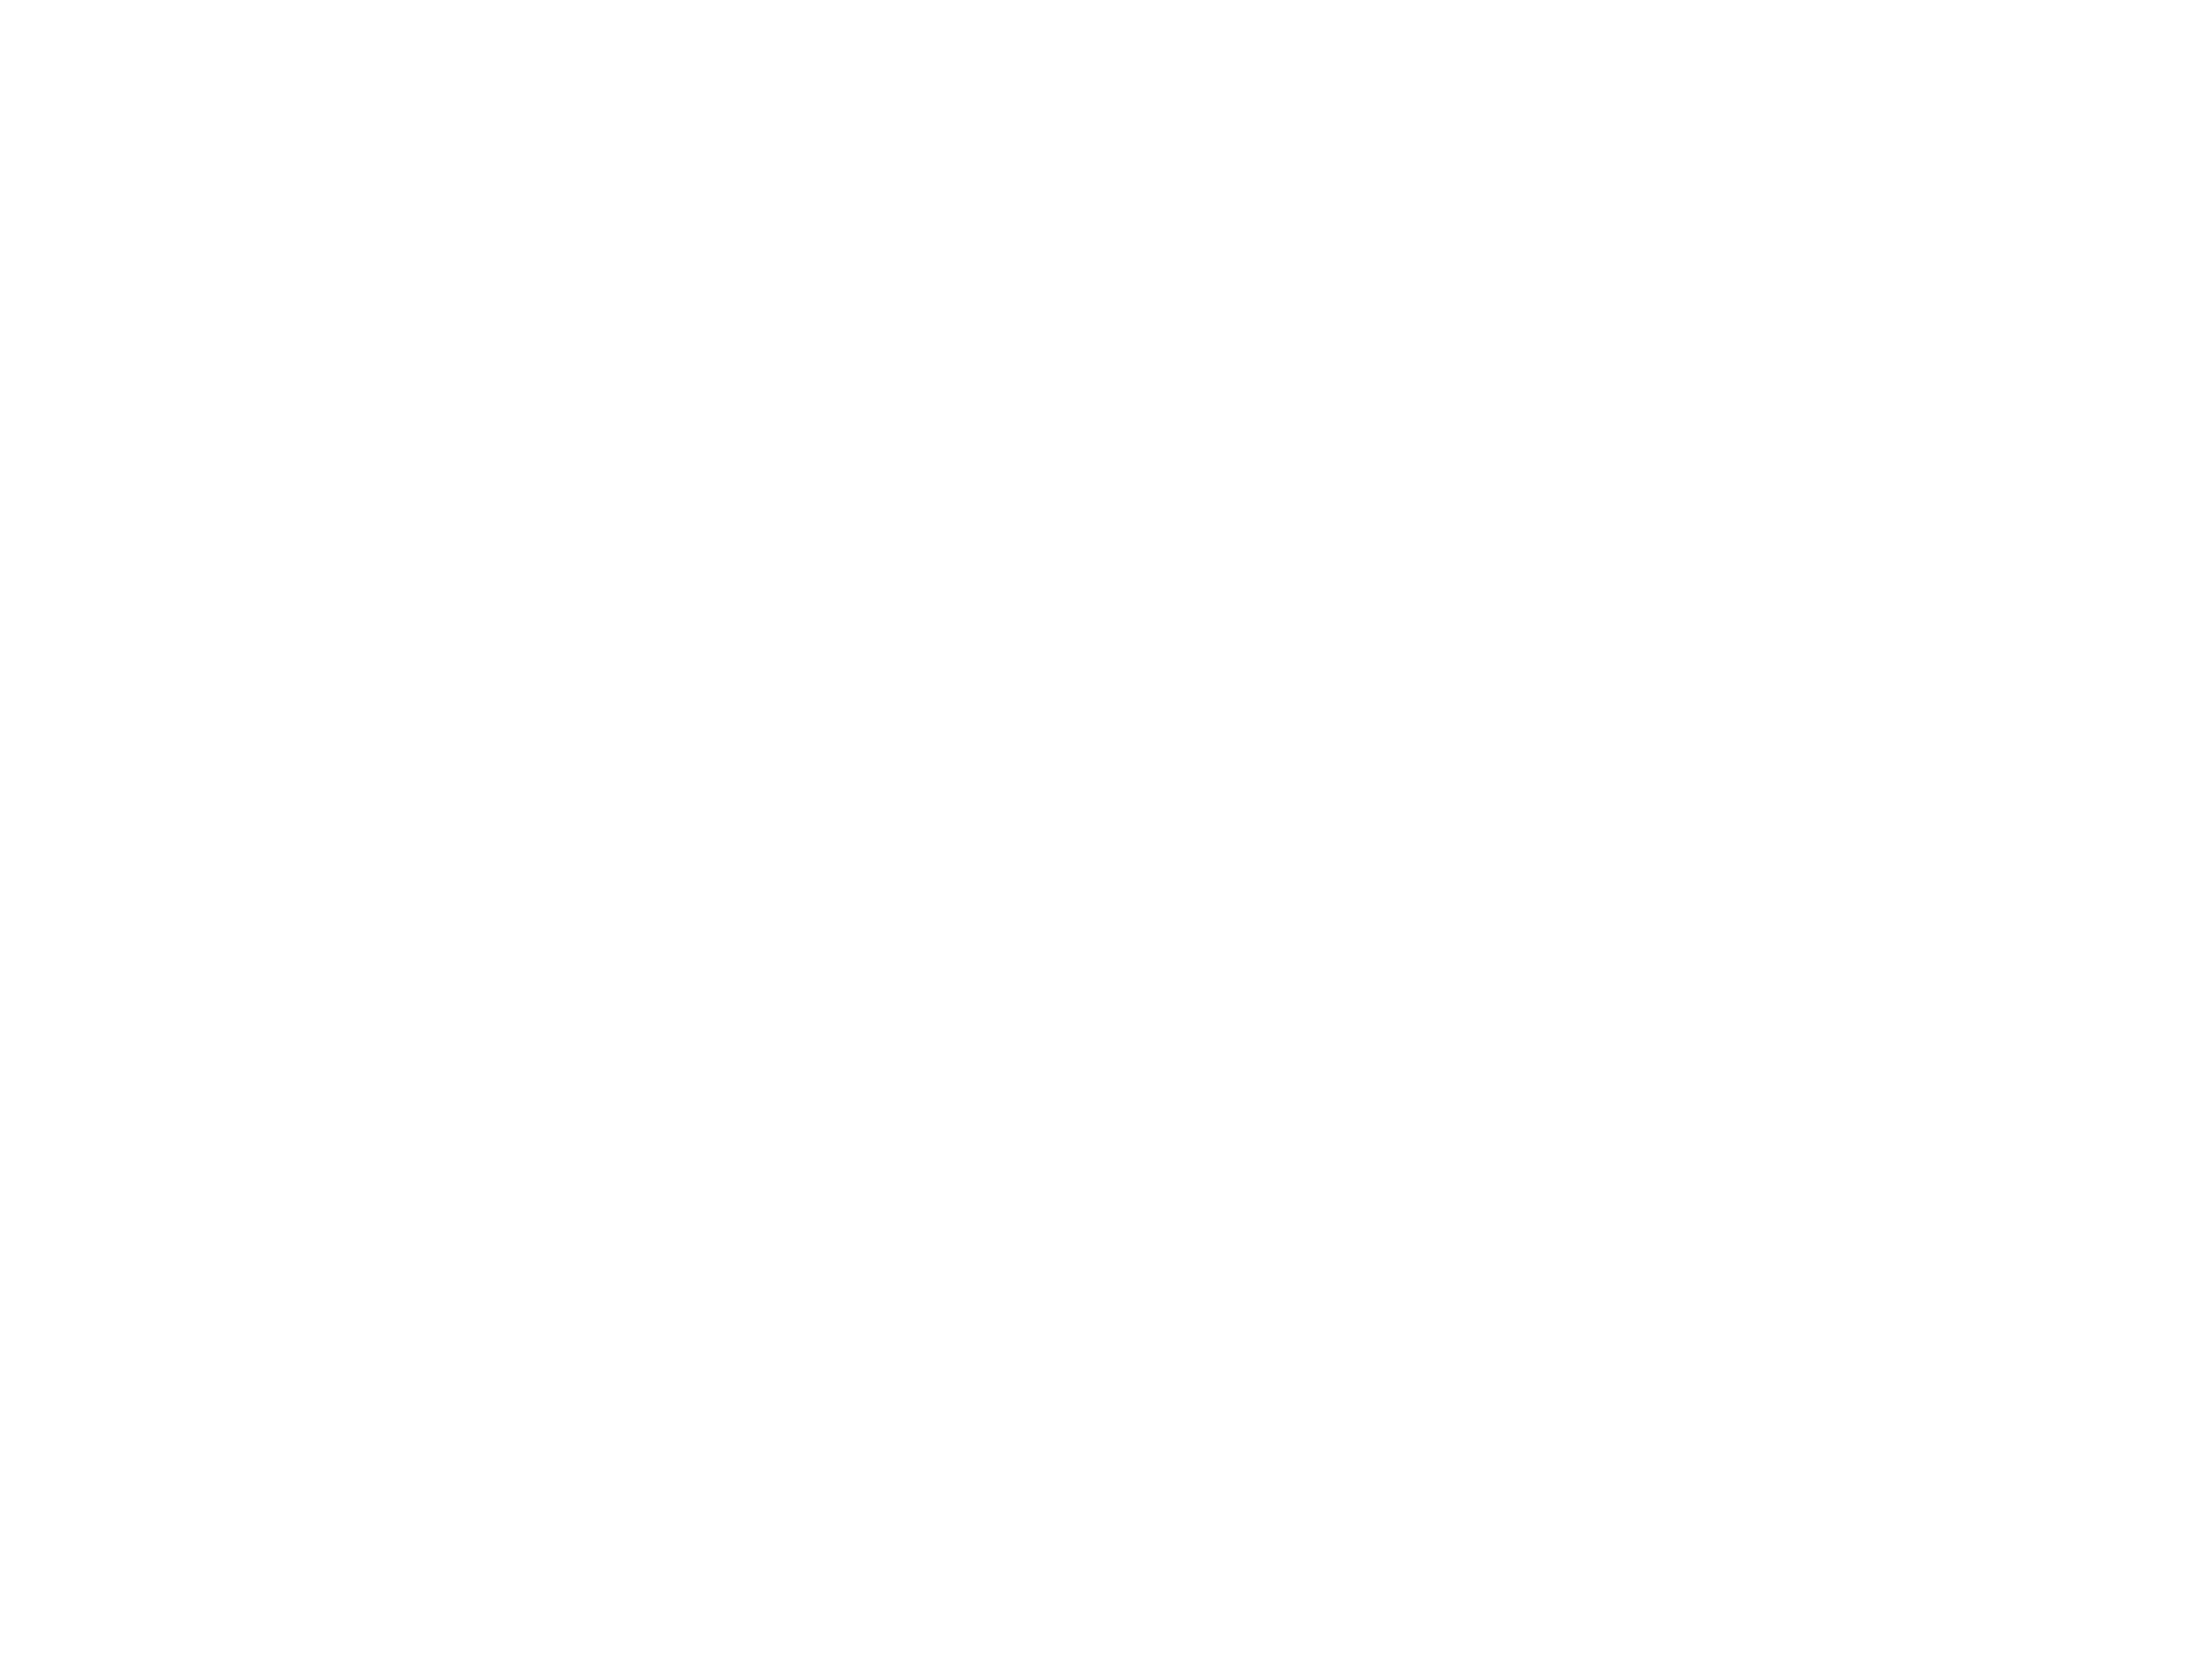 Emirates-logo-and-Wordmark web